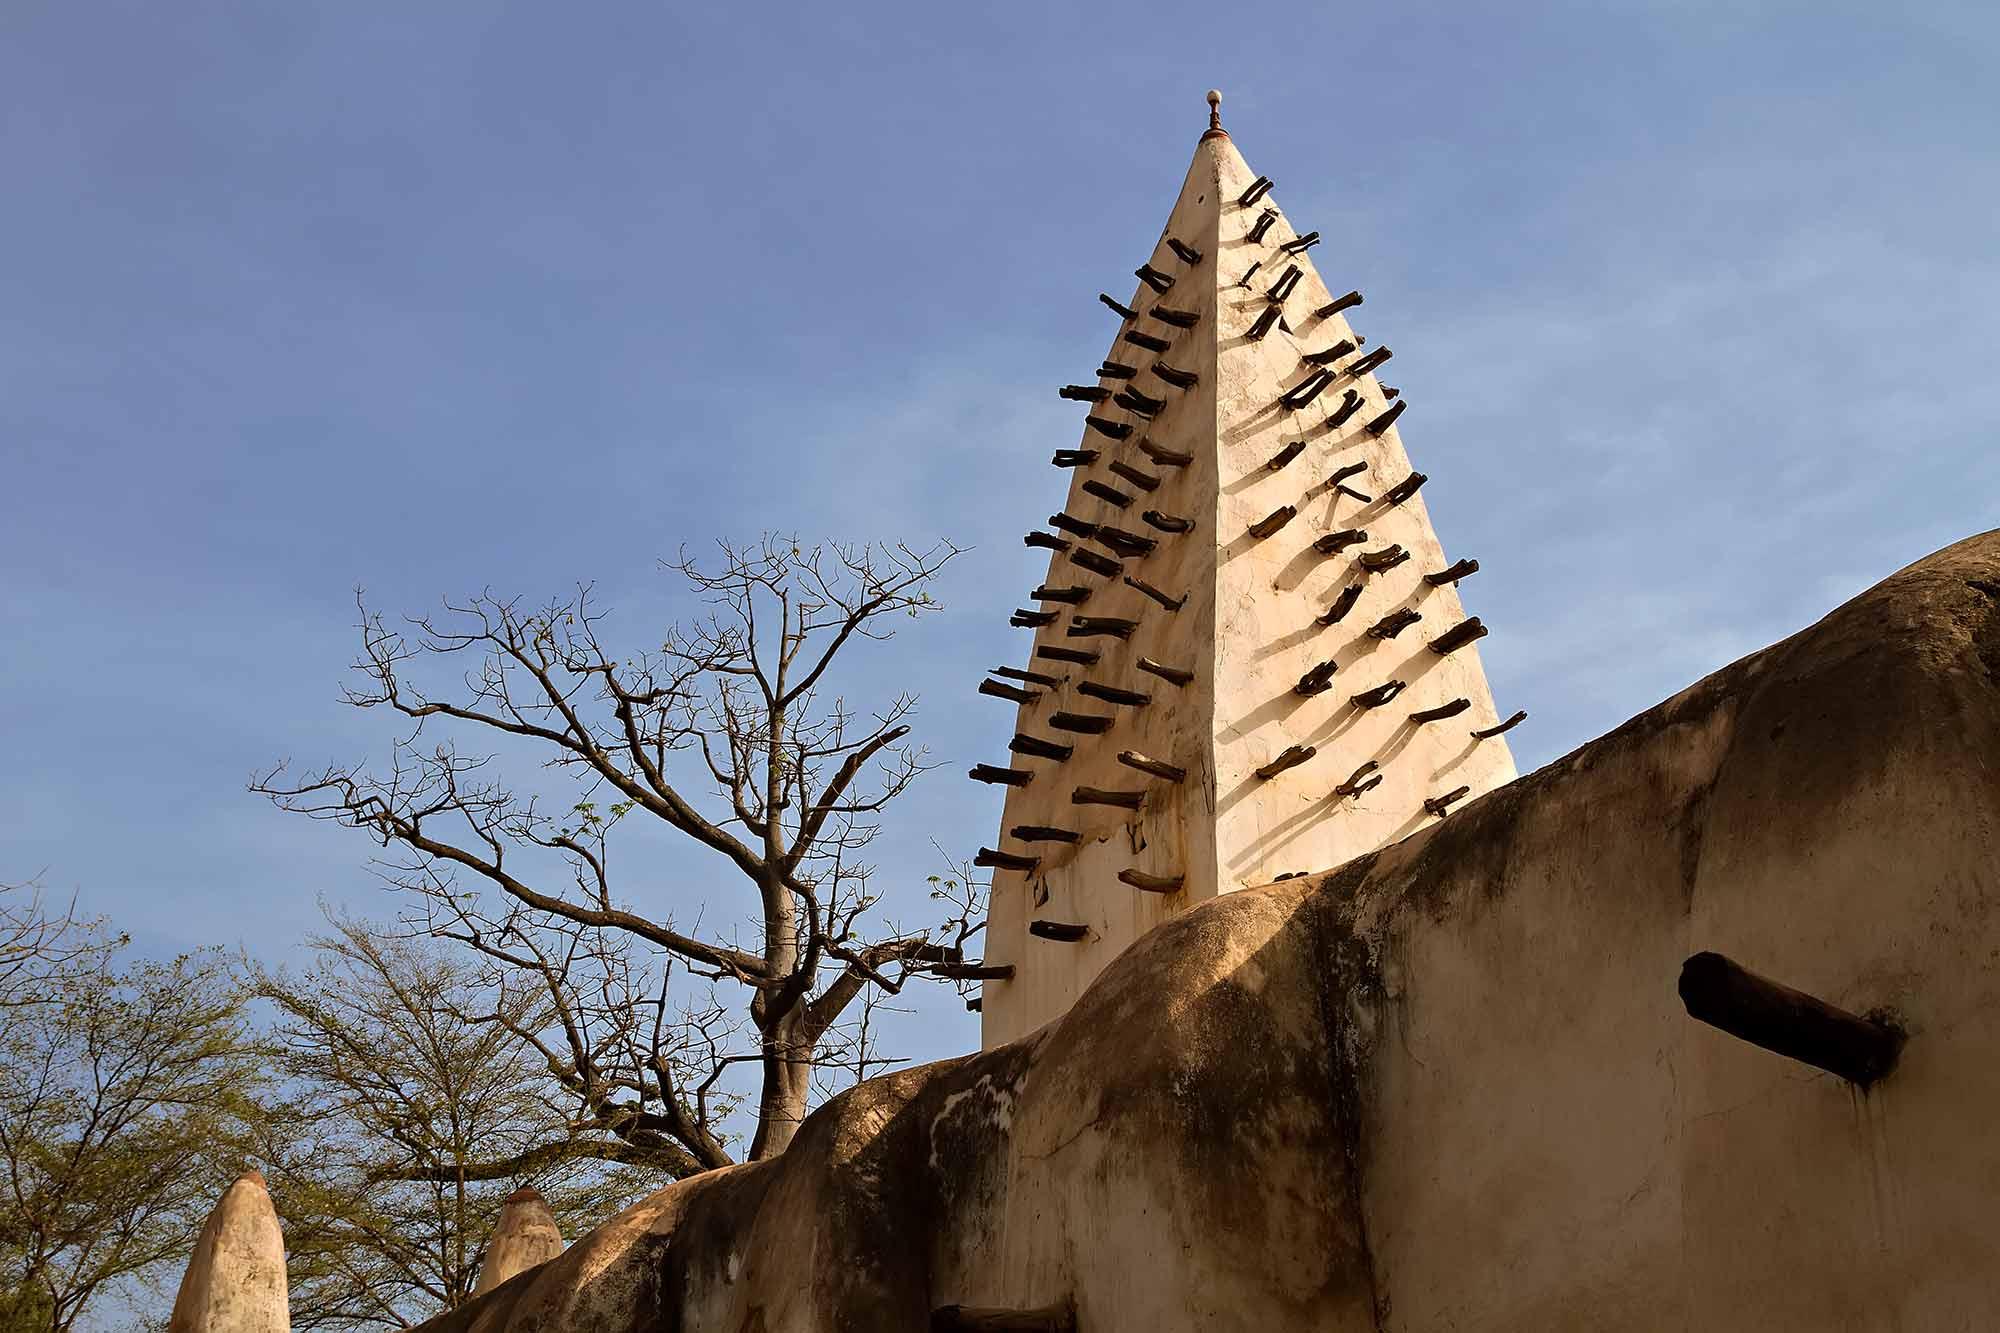 mosque-bobodioulasso-burkina-faso-africa